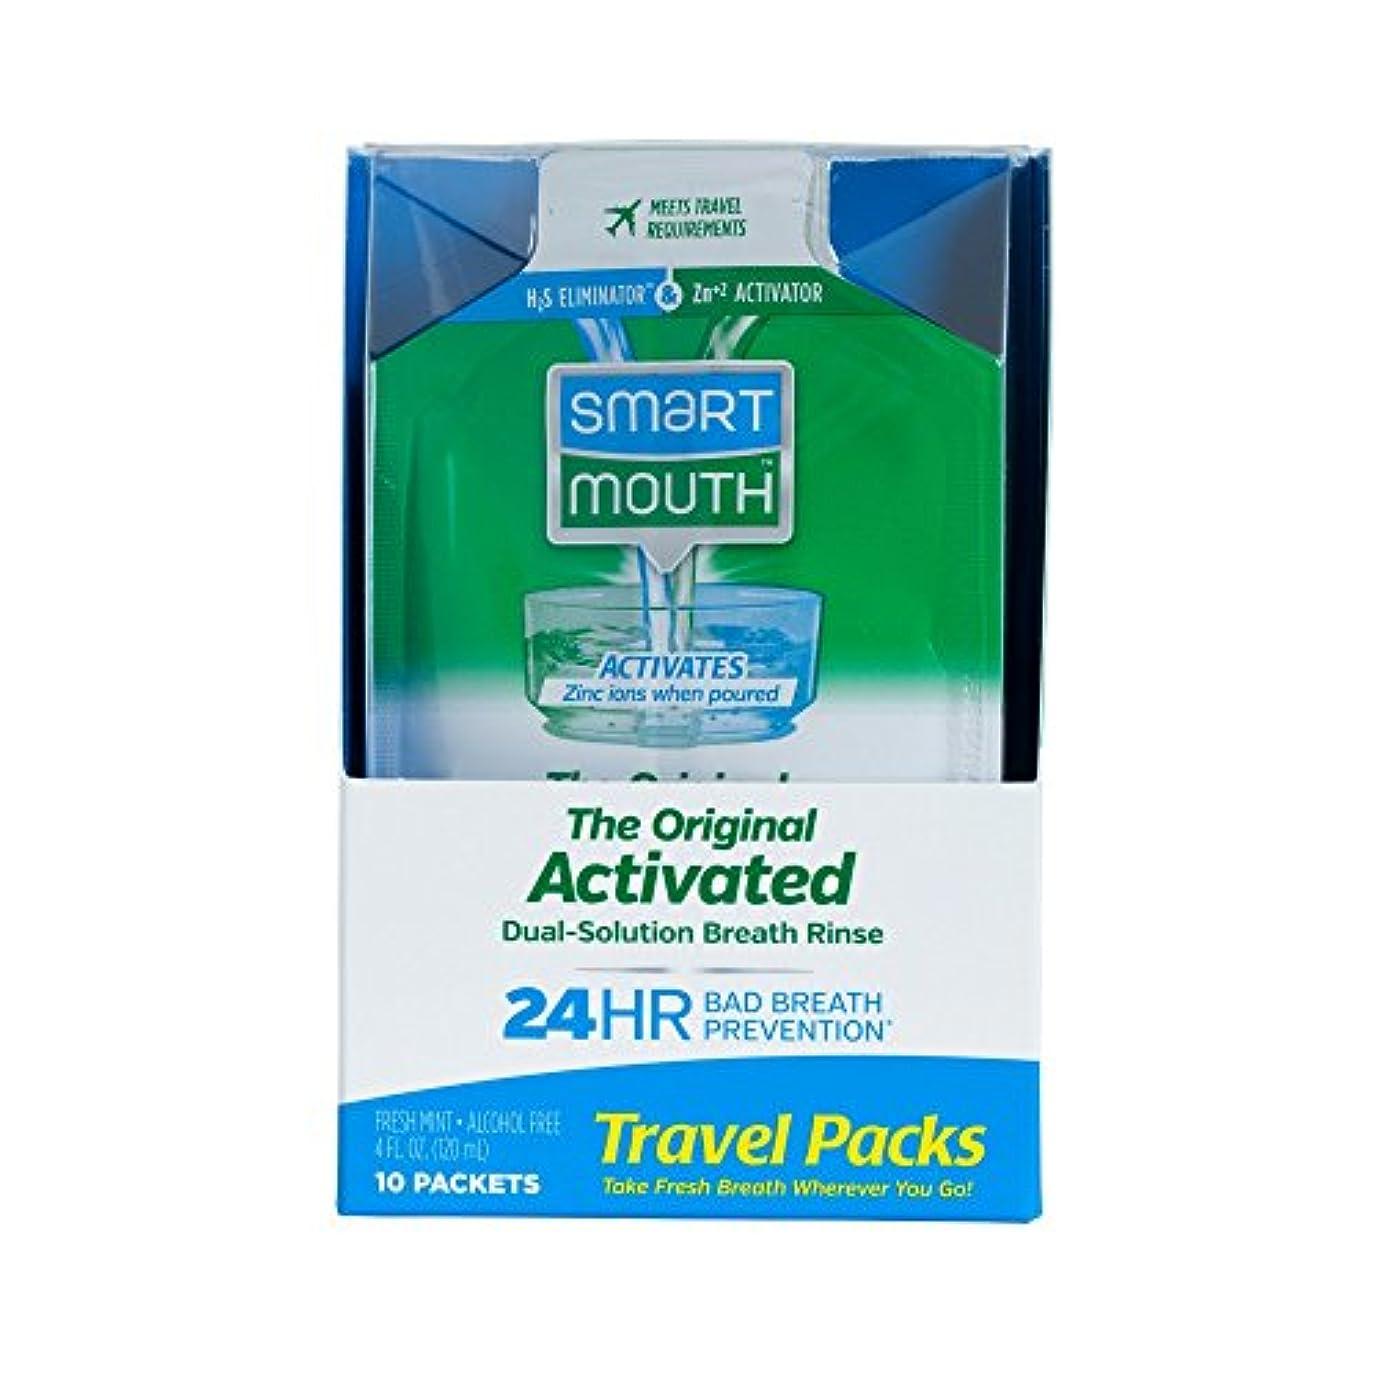 脚コンパニオン甘いSmartMouth Mouthwash Packets, Clean Mint, 10 Count by SmartMouth